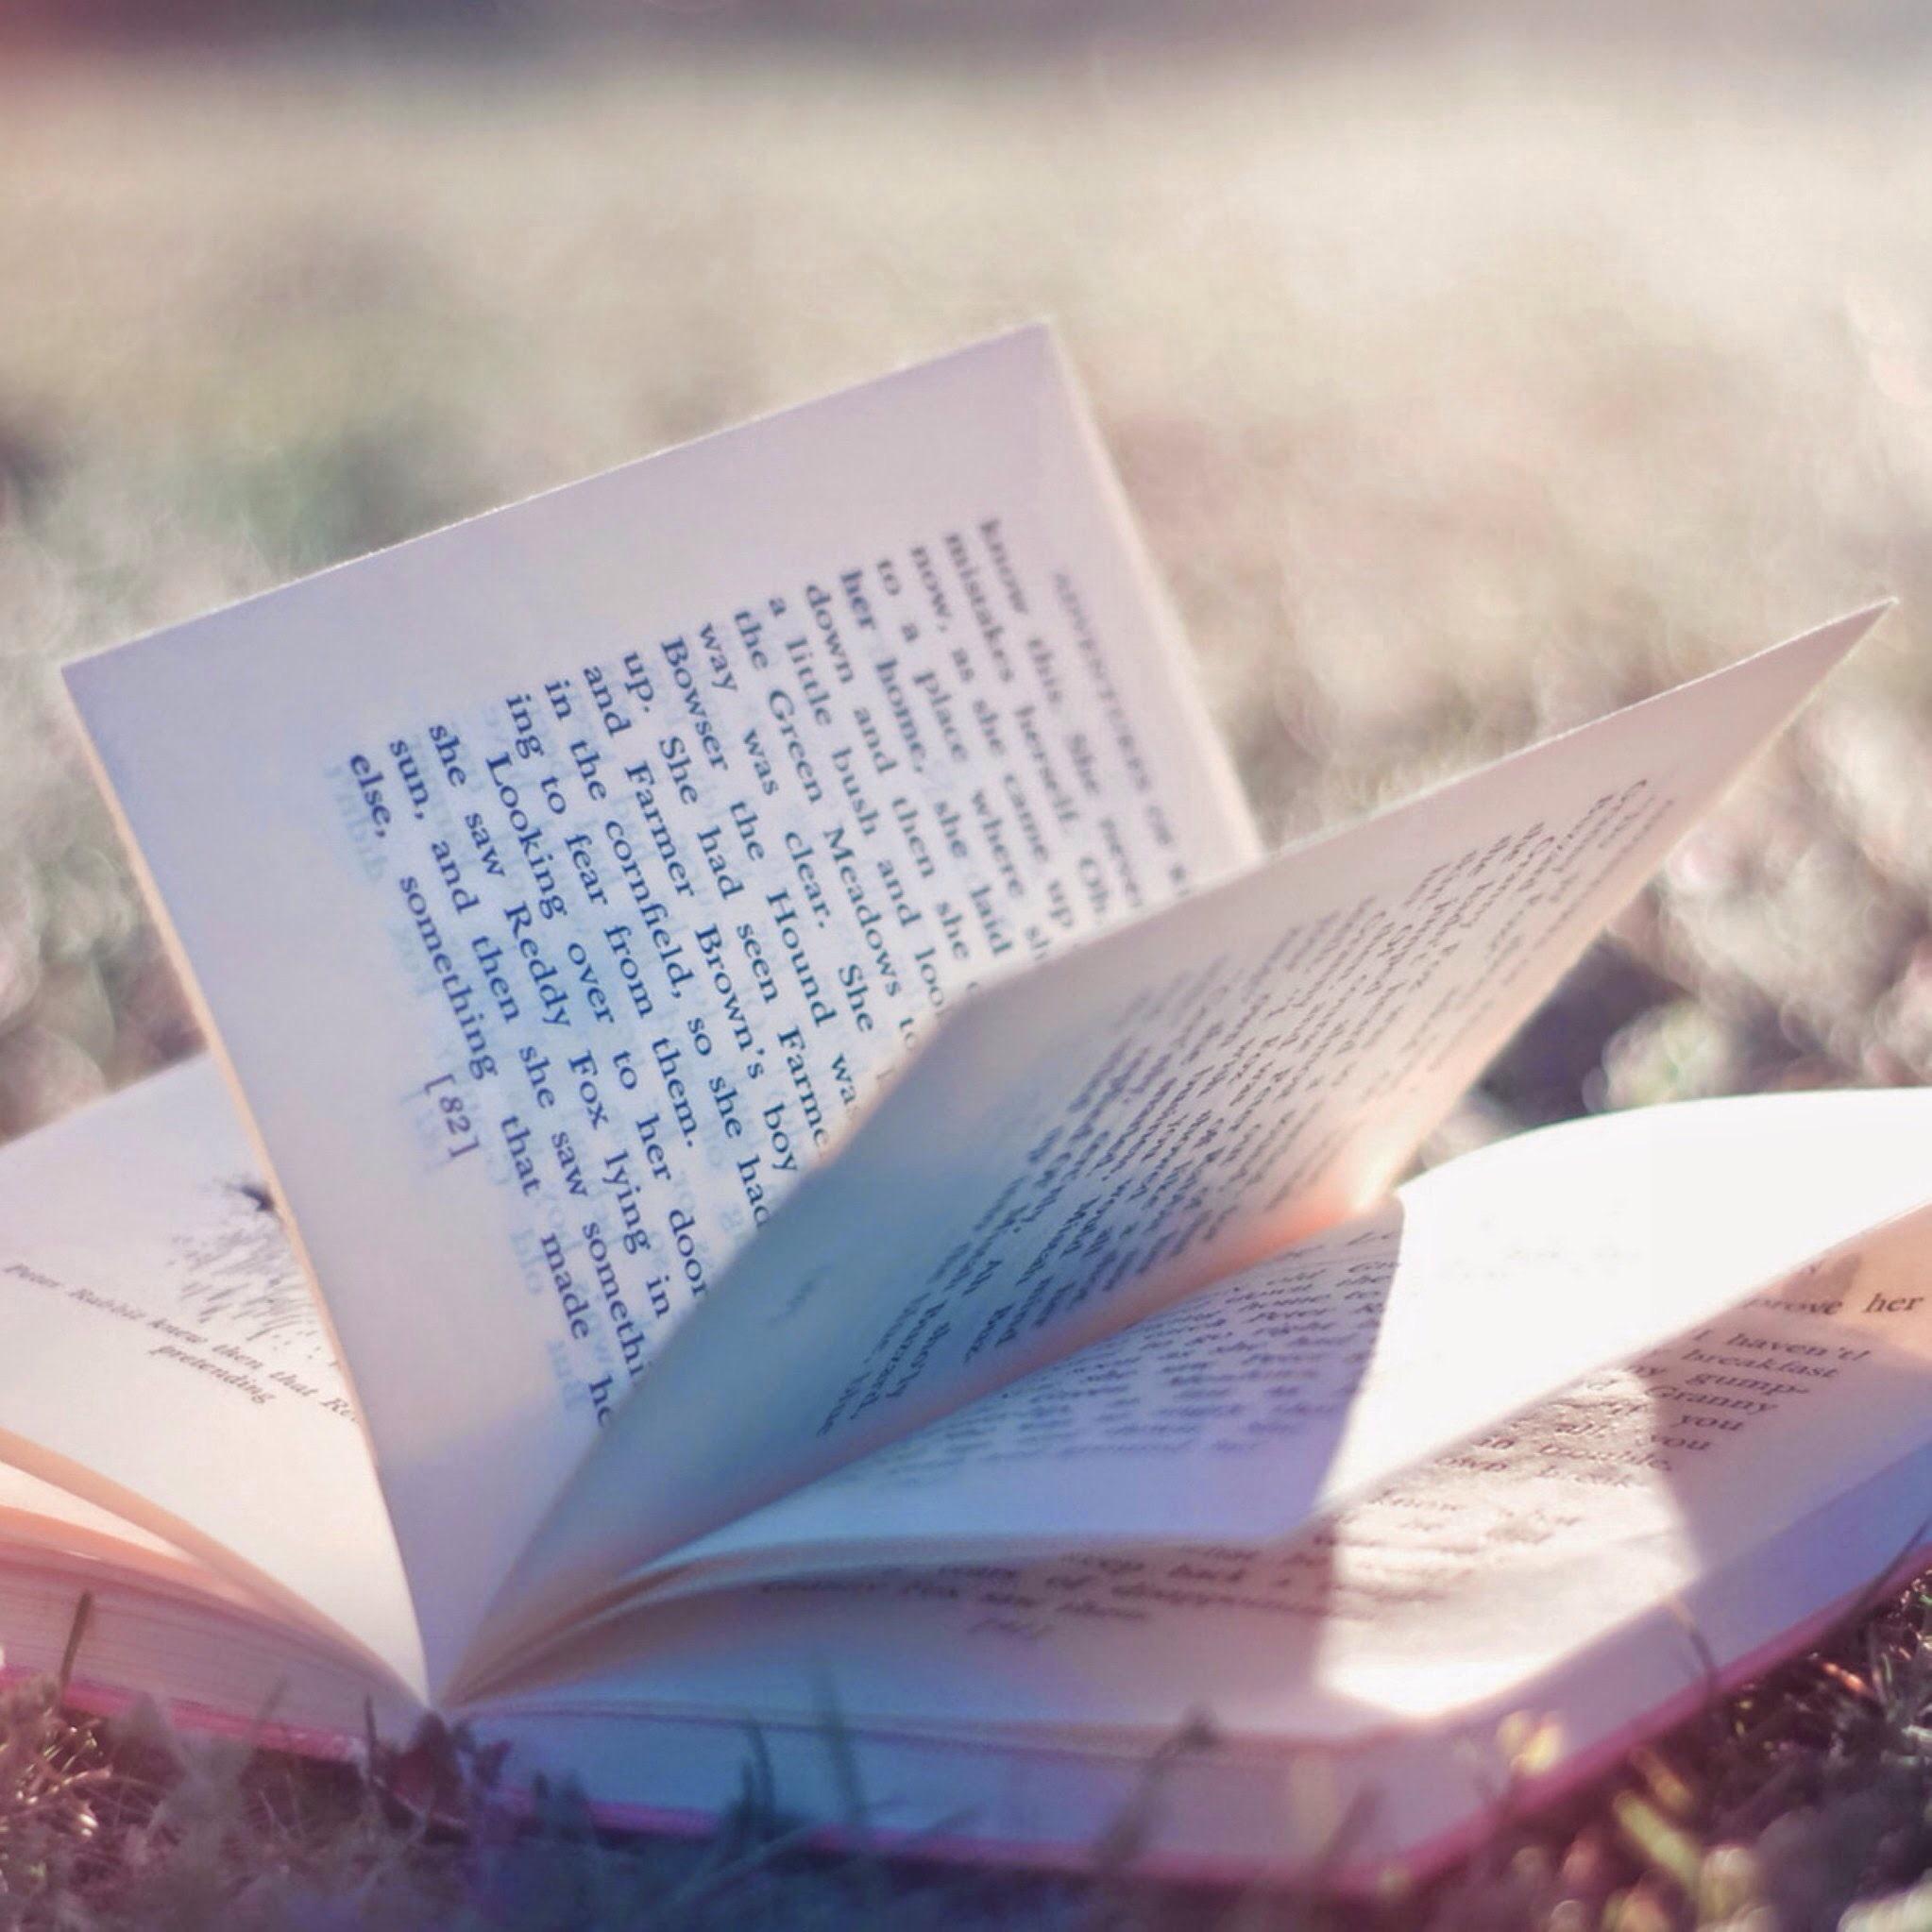 Books Reading Wallpaper 39791229 Fanpop